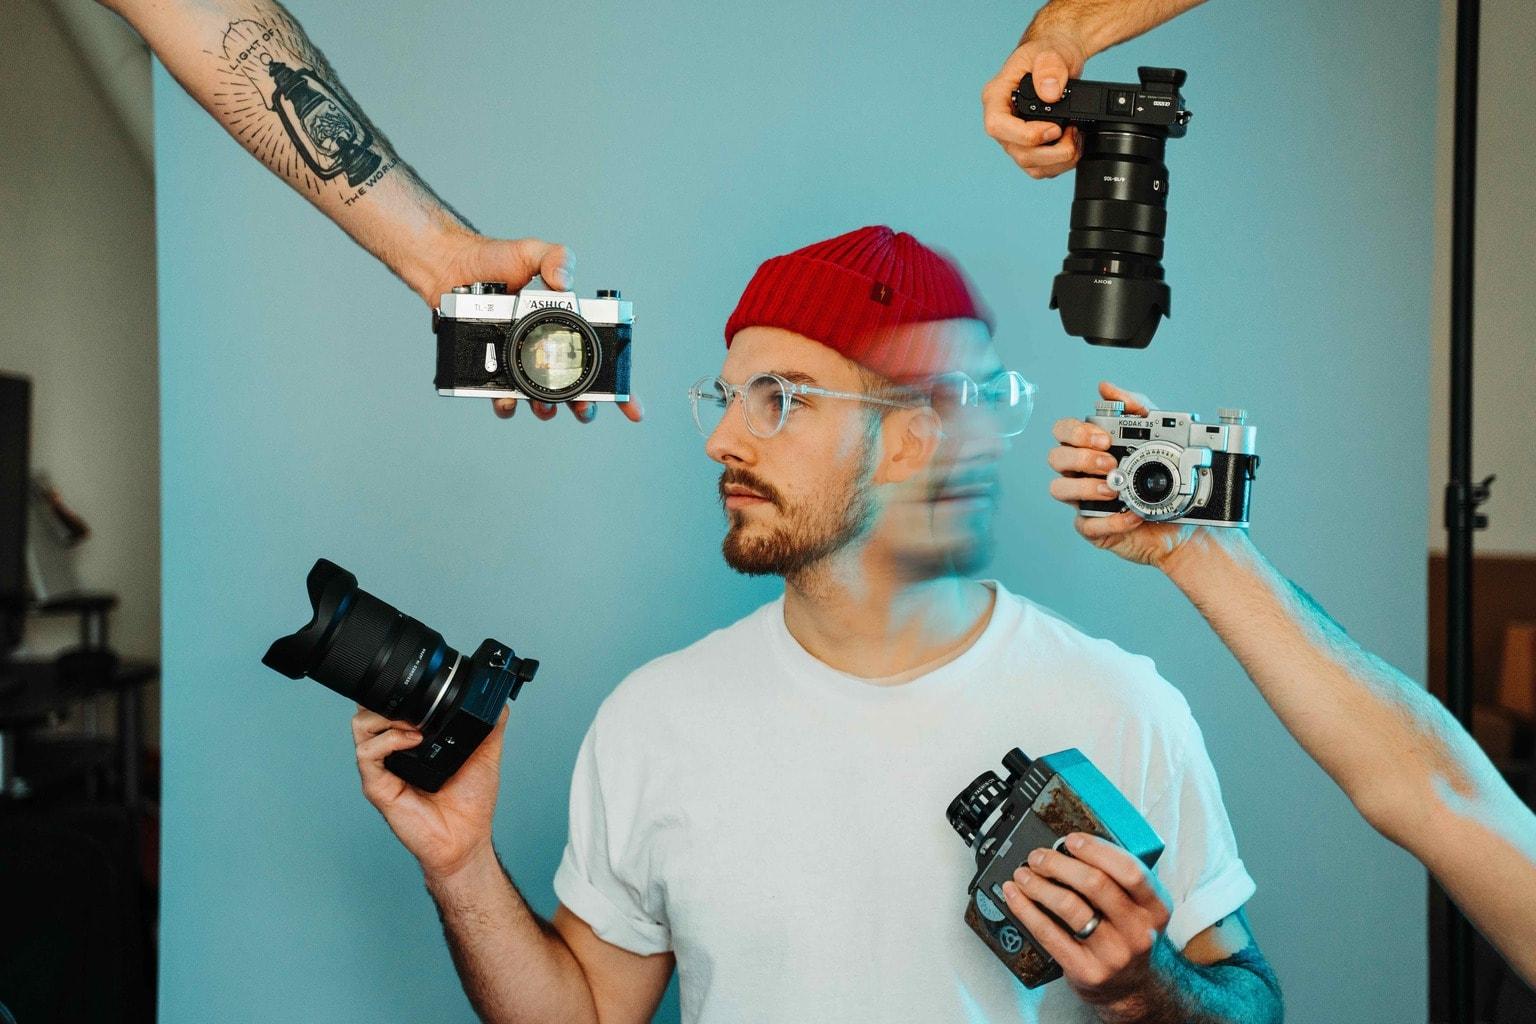 Chico rodeado de diferentes cámaras